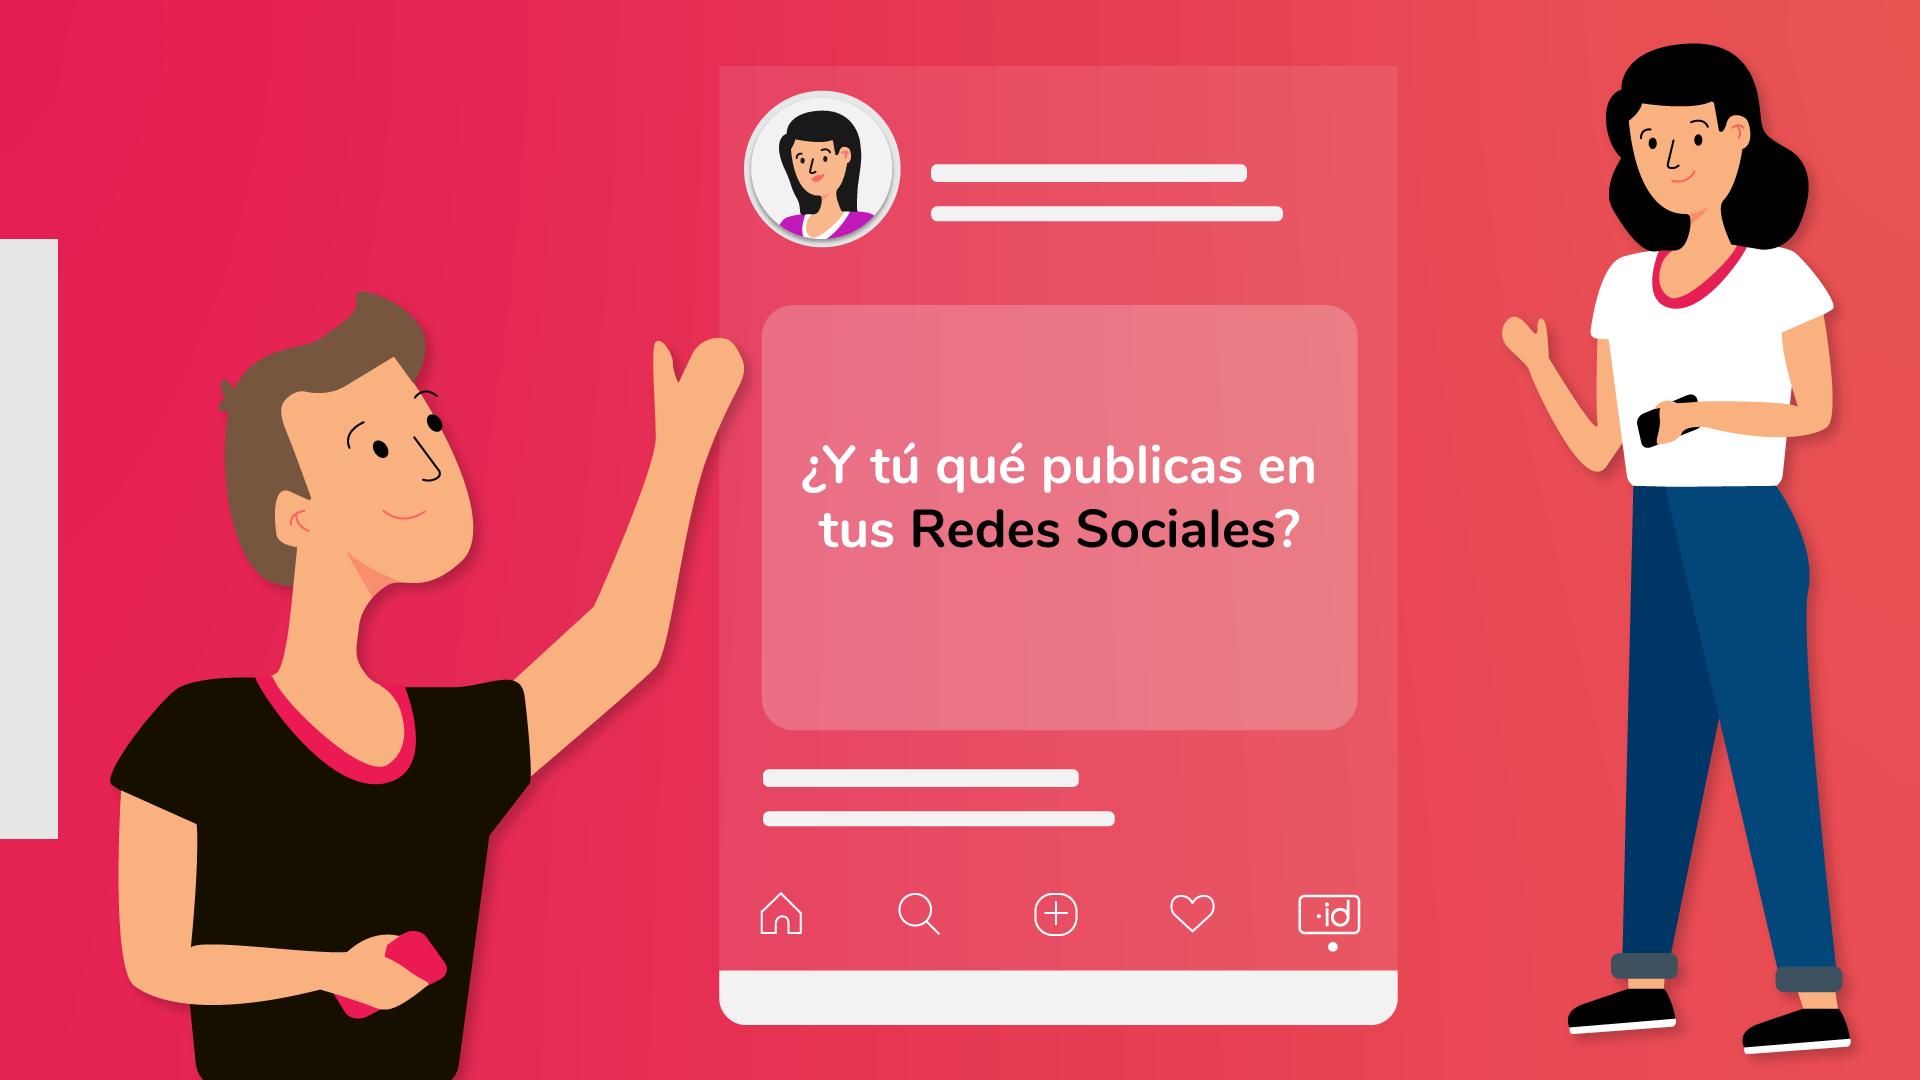 ¿Y tú qué publicas en redes sociales?